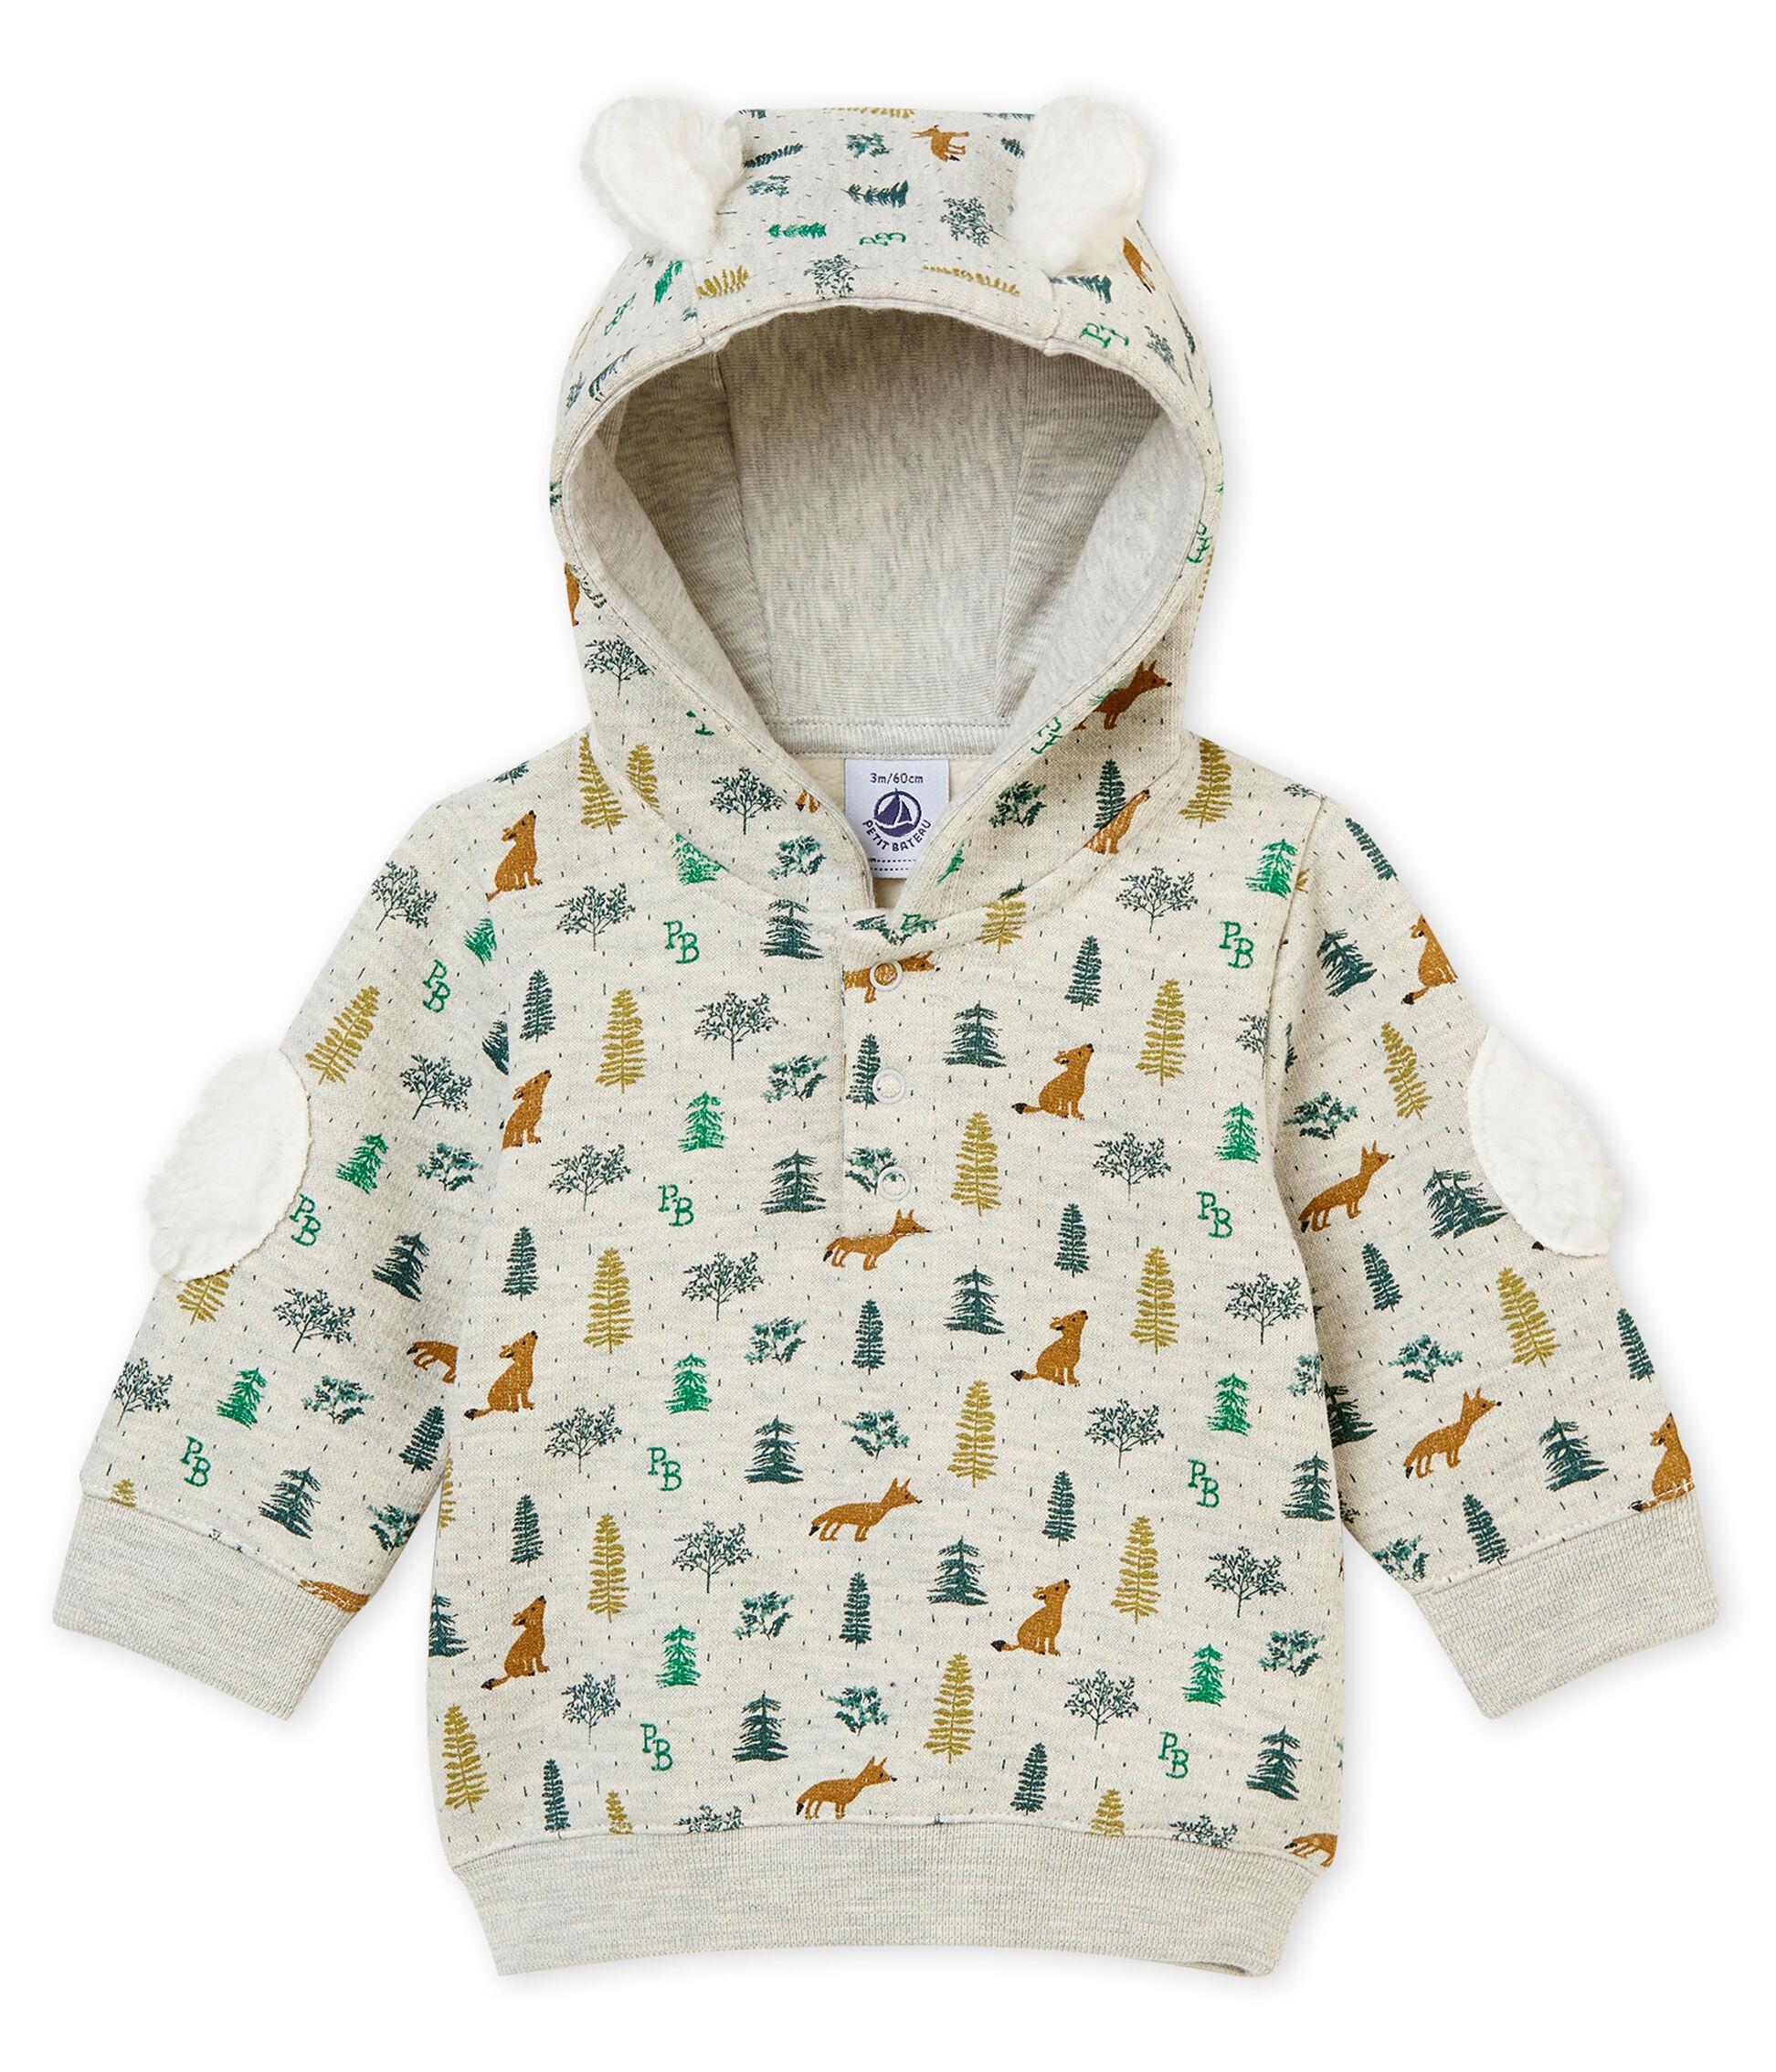 Sudadera con capucha para bebé | Redbubble